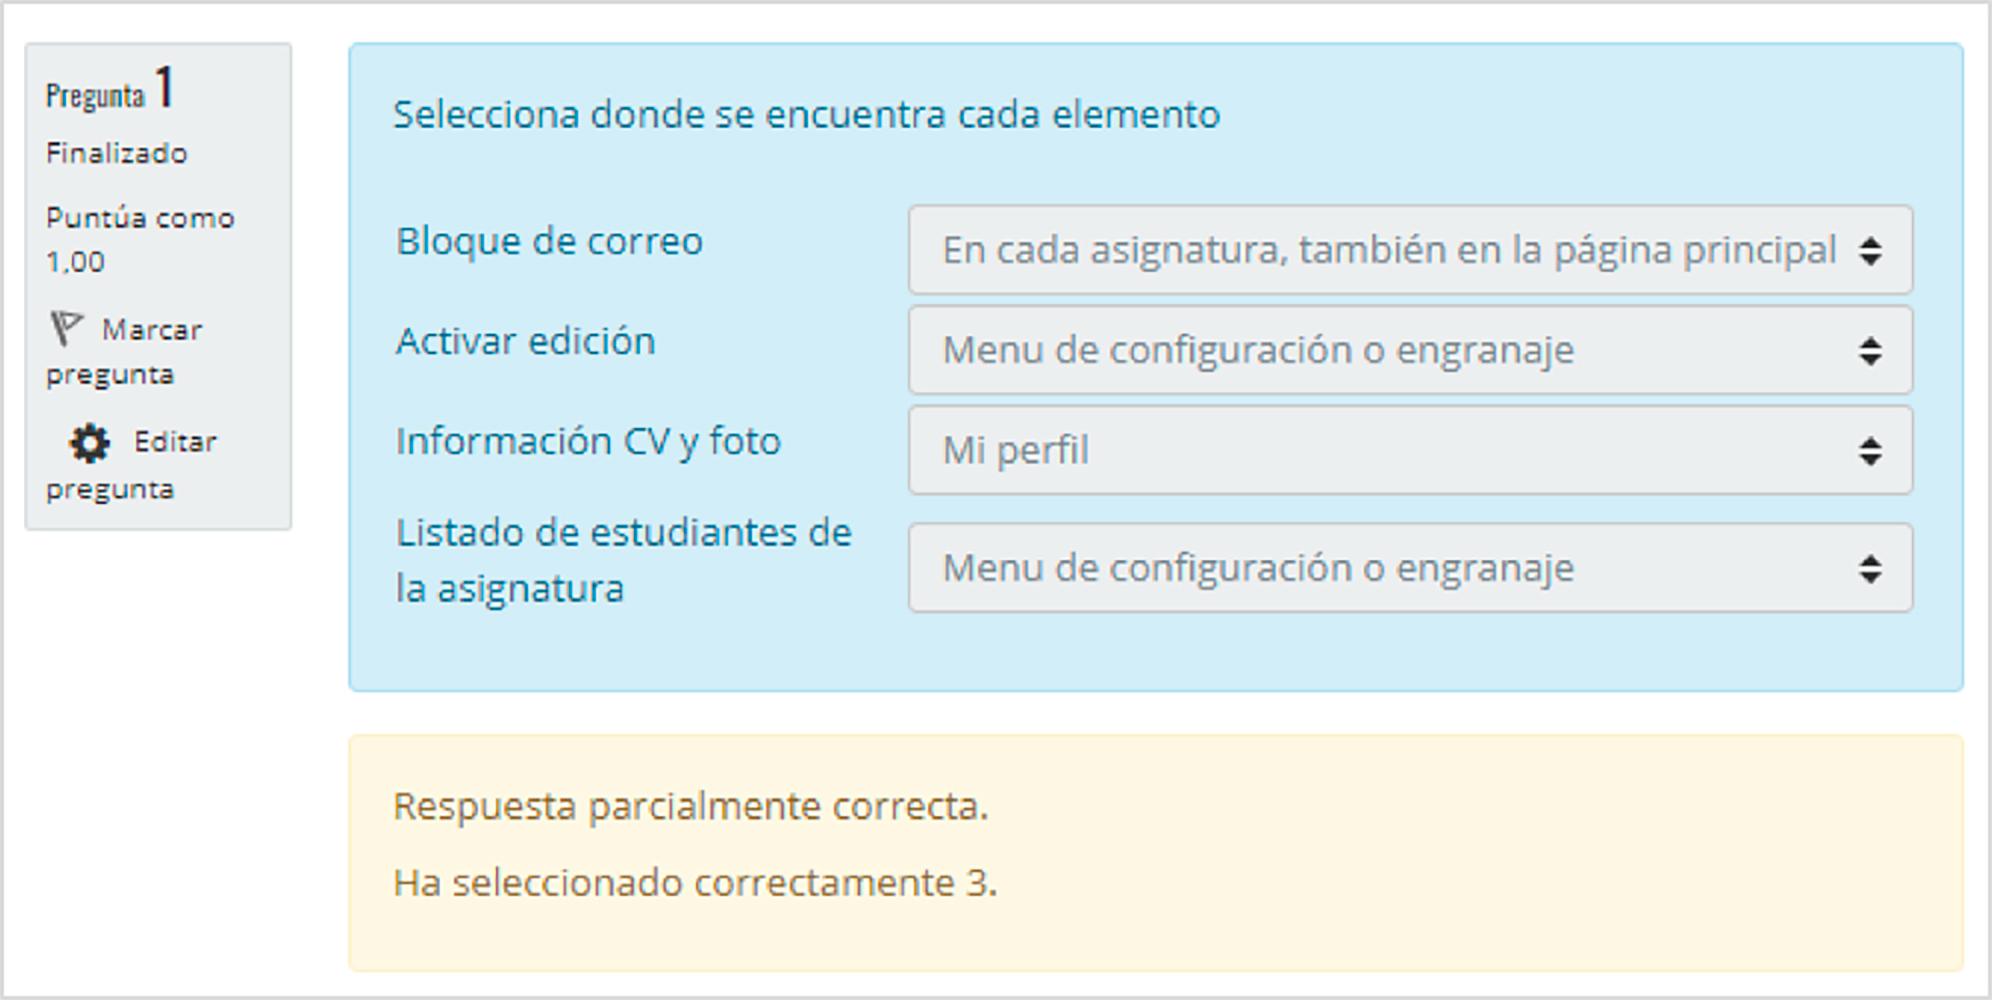 Retroalimentación durante el intento: Retroalimentación específica